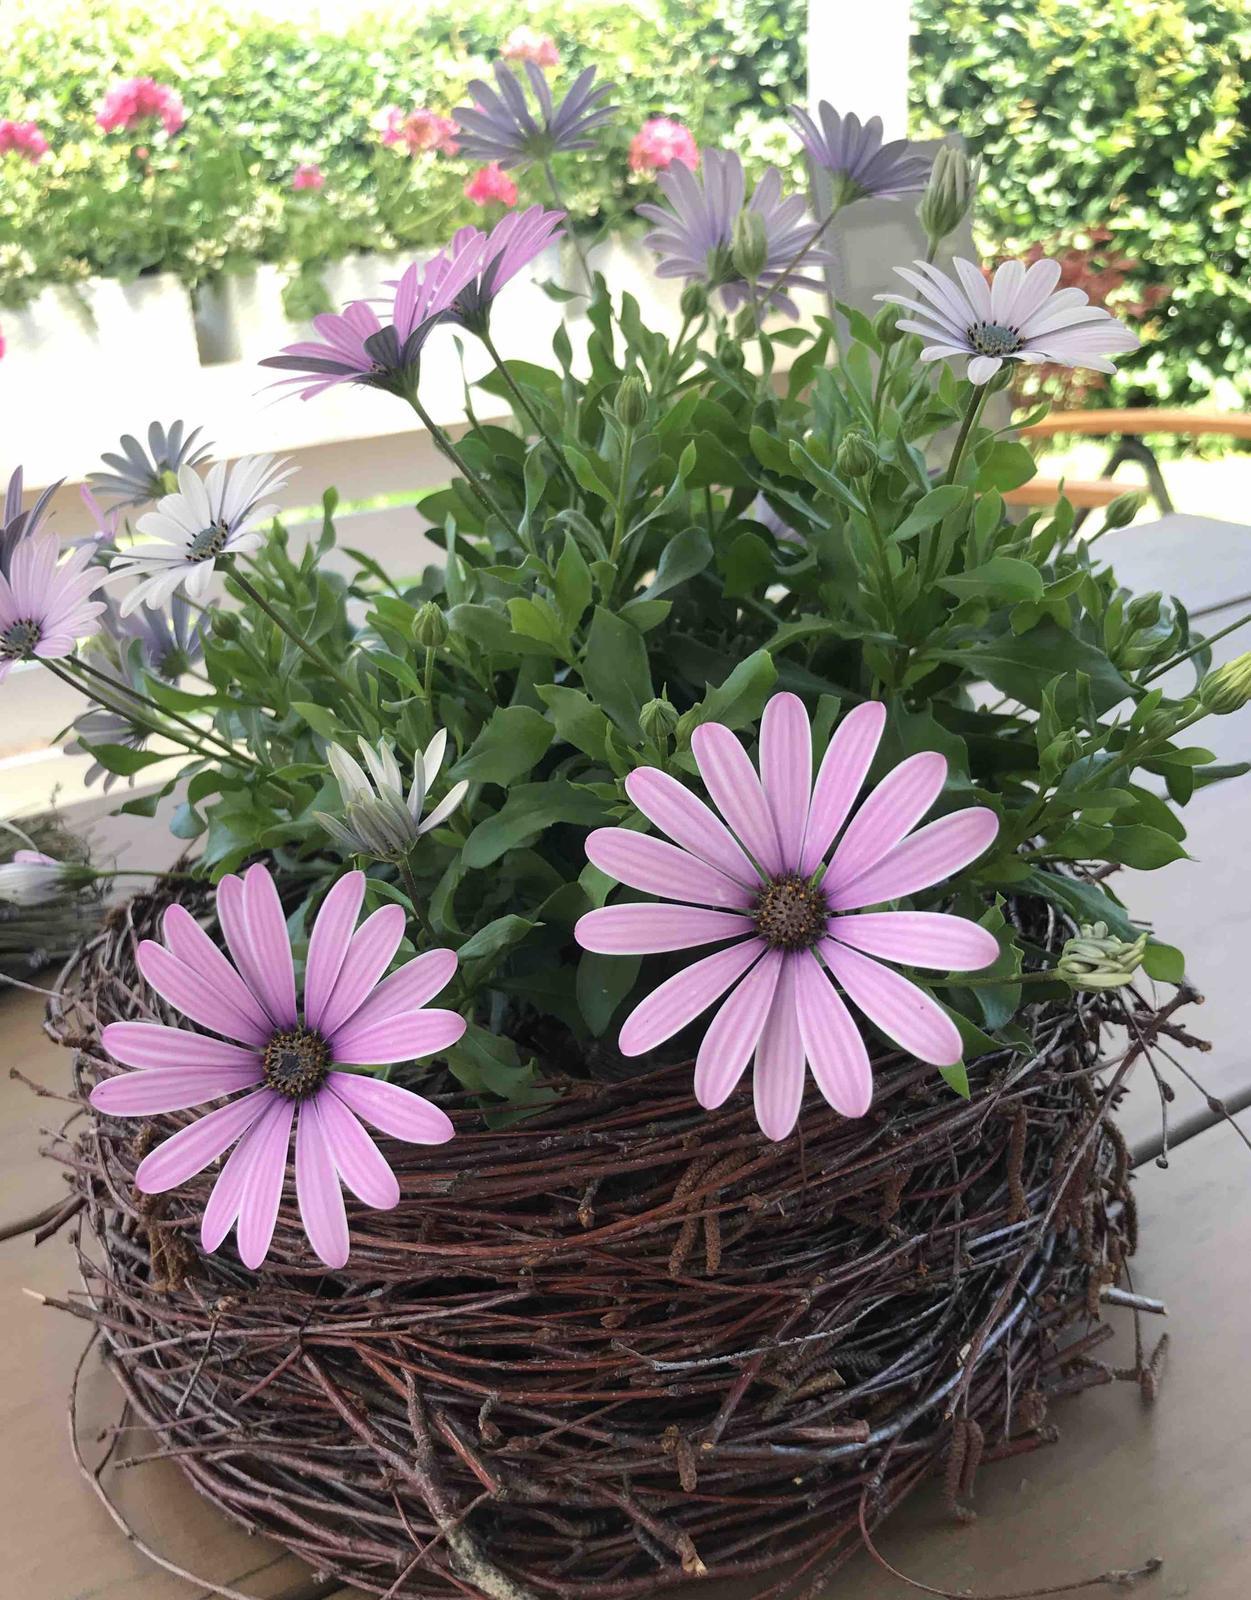 Naše barevná zahrada 🌸 - Daří se mu báječně 🤗